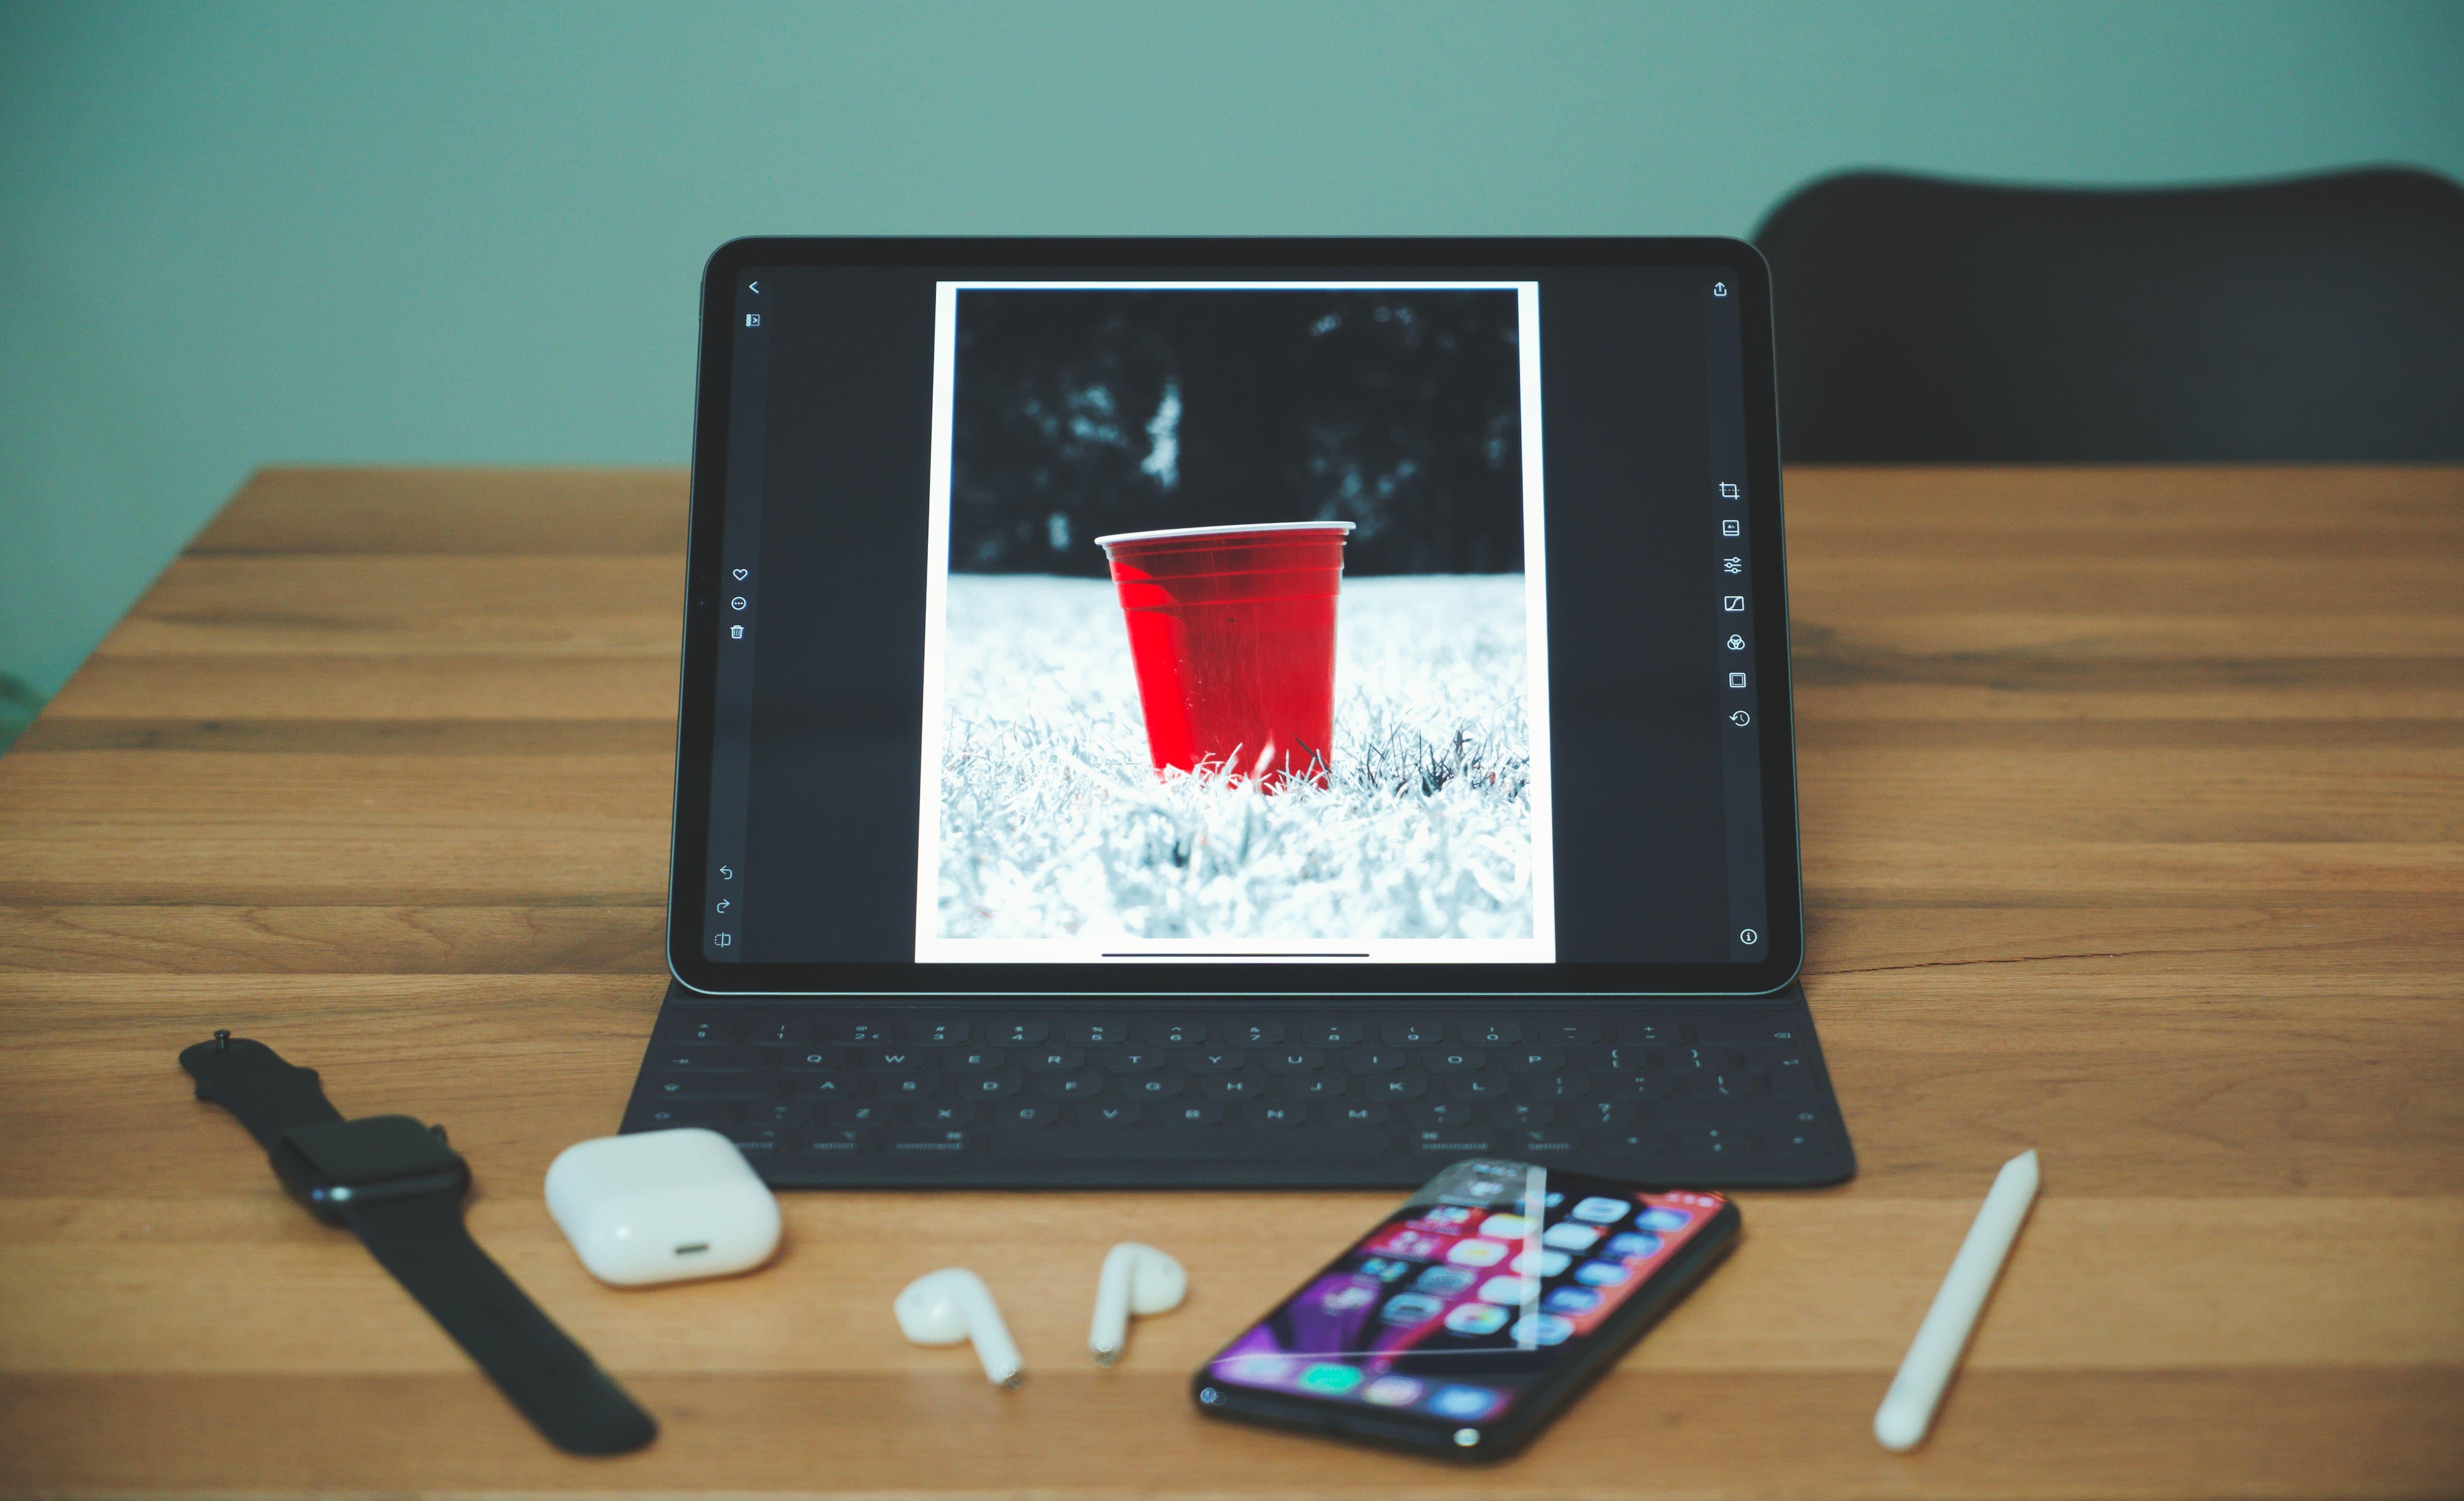 Updates to iPad